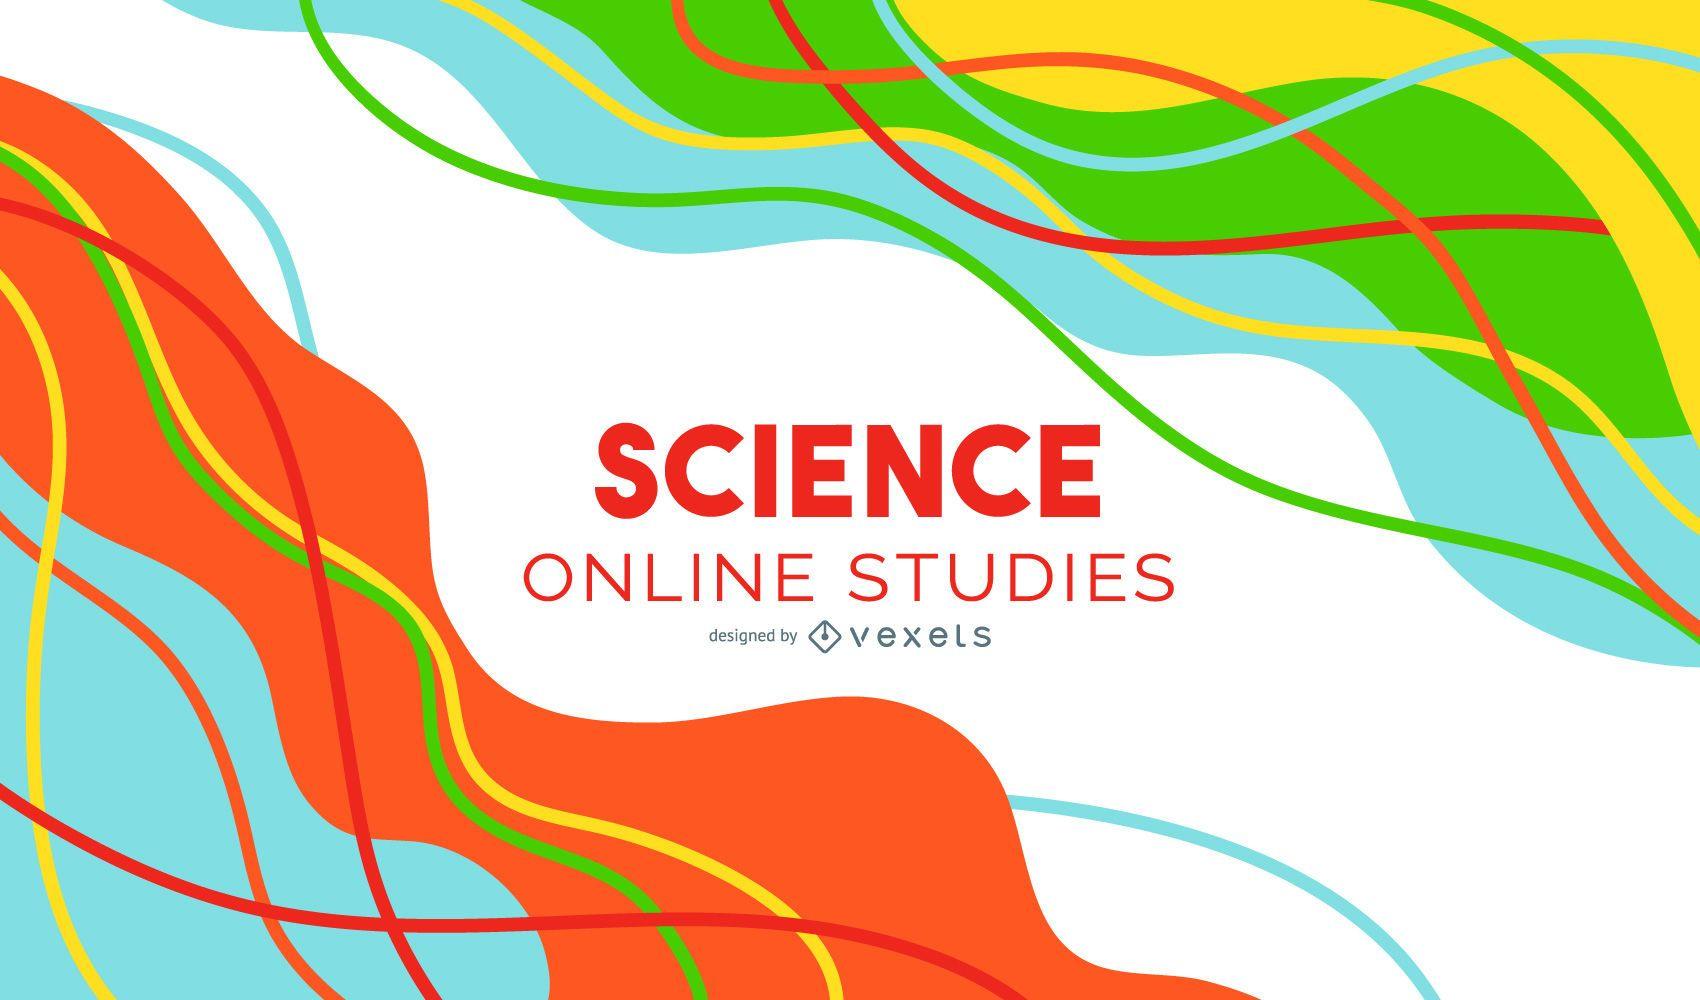 Diseño de portada abstracta de clase de ciencias